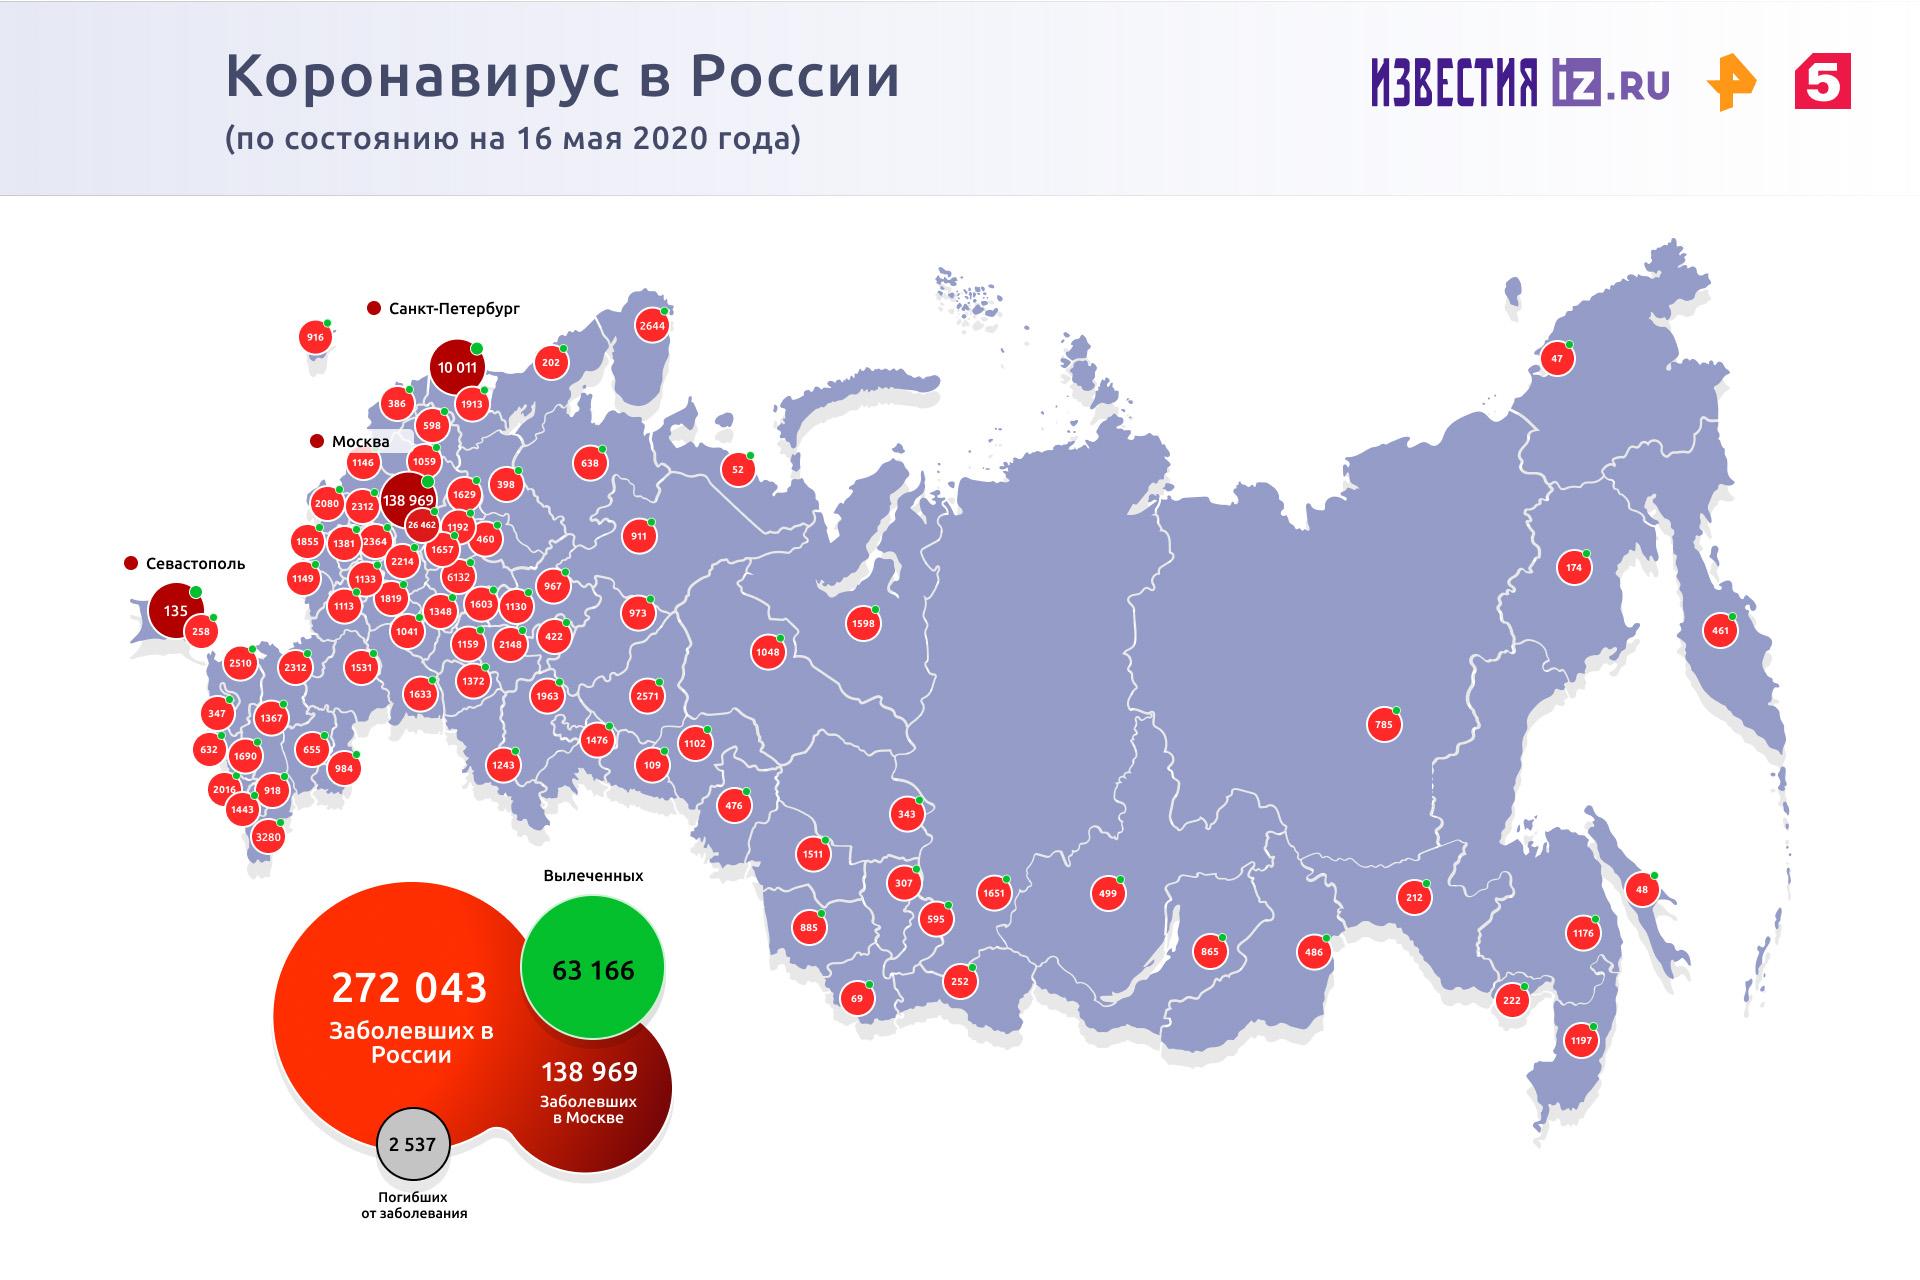 Ученые из Ульяновска разработали экспресс-тест на COVID-19